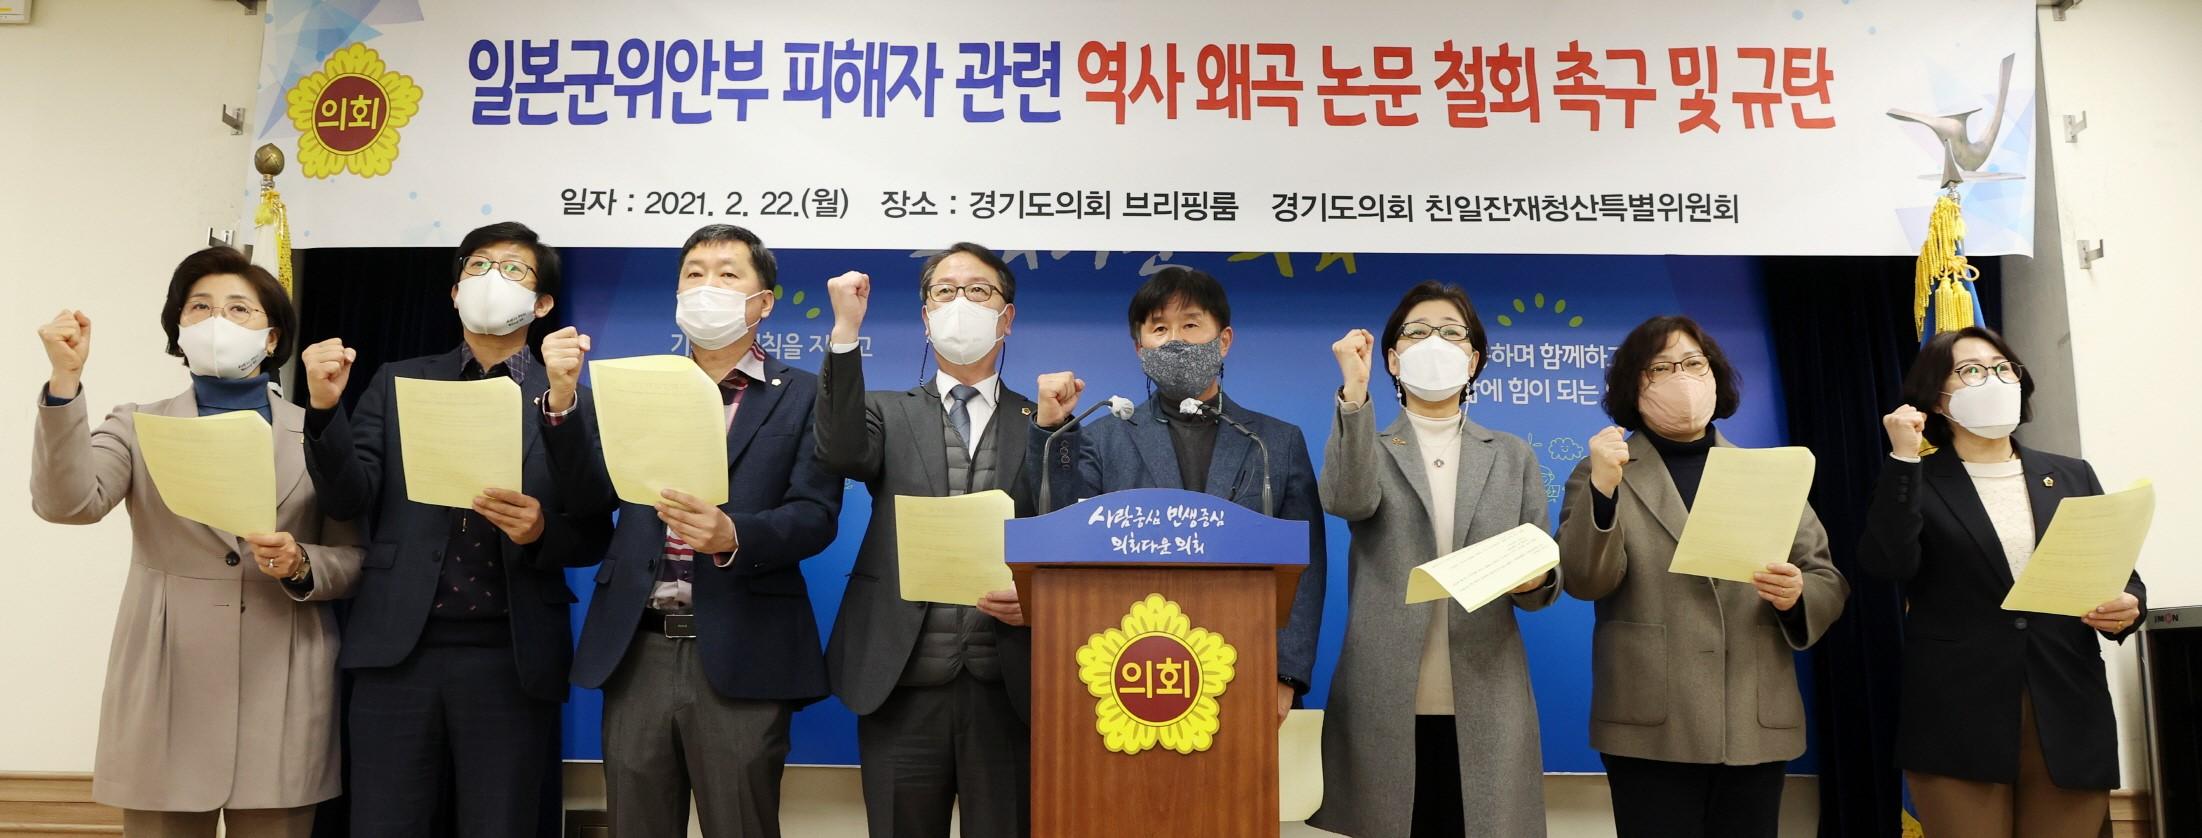 친일잔재청산 특별위원회, 일본군위안부 피해자 관련 역사왜곡 논문 철회 촉구 및 규탄 성명서 발표